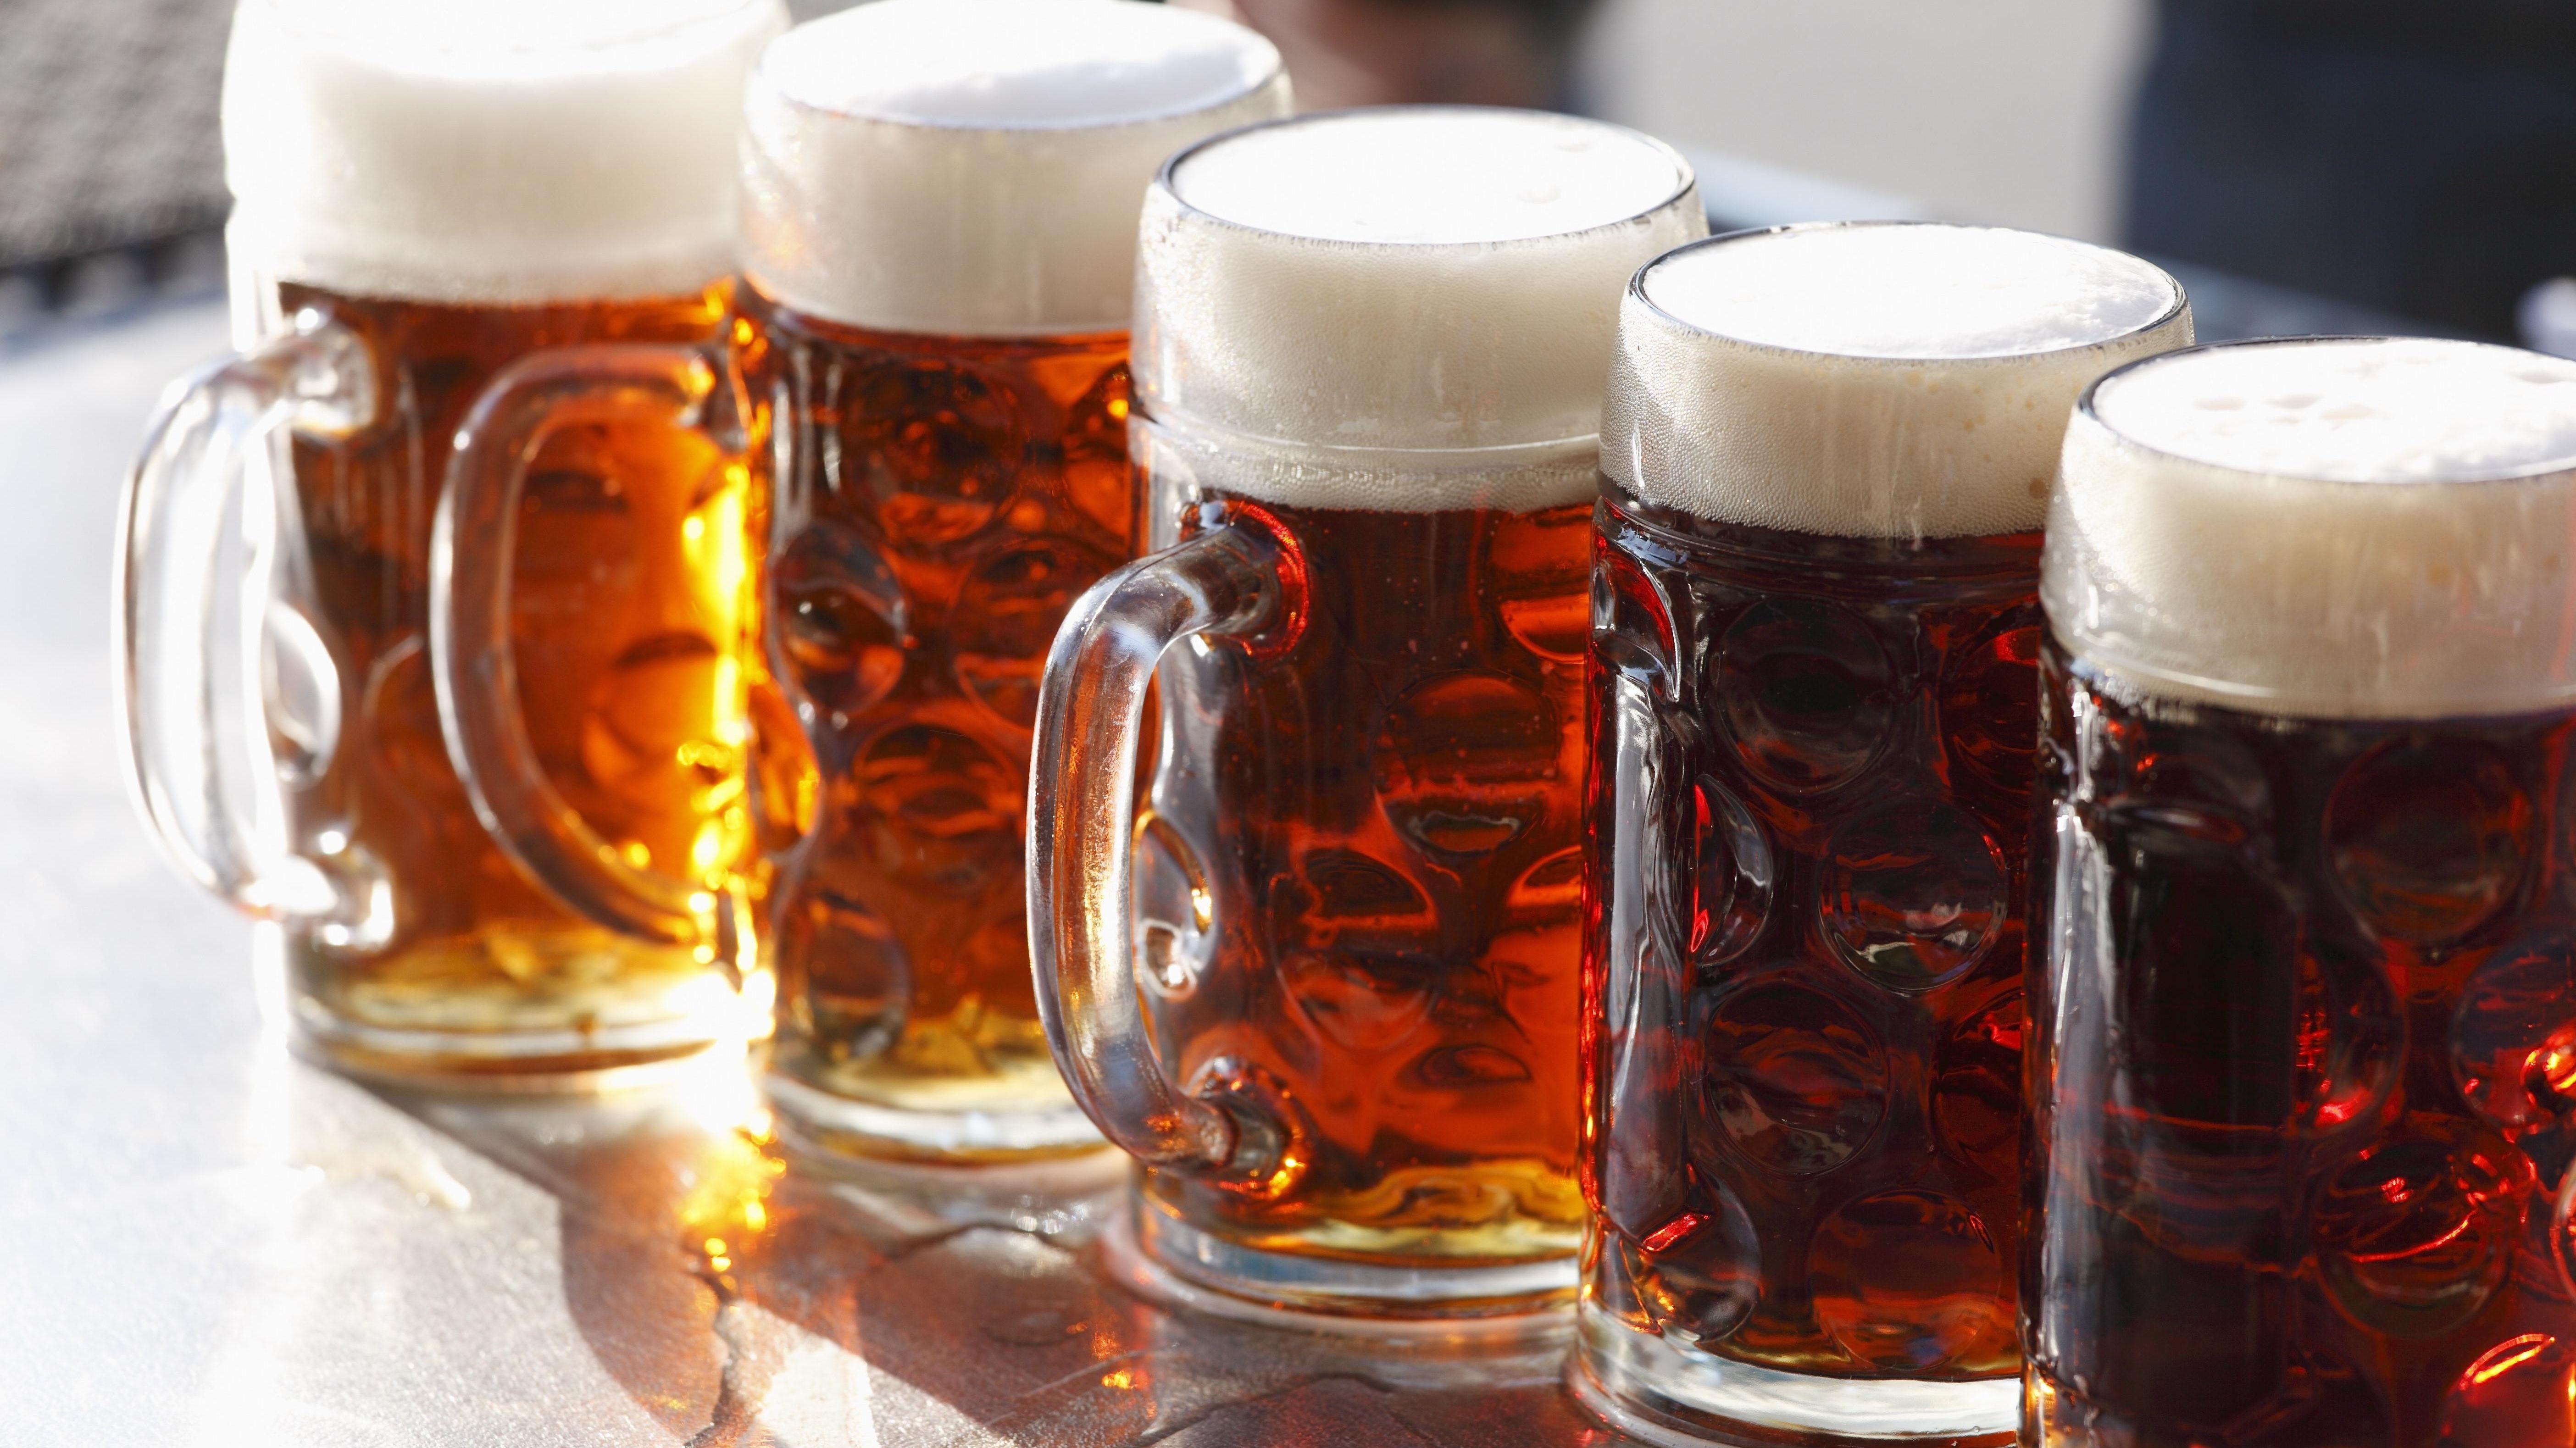 Fünf Bierkrüge stehen in einer Reihe